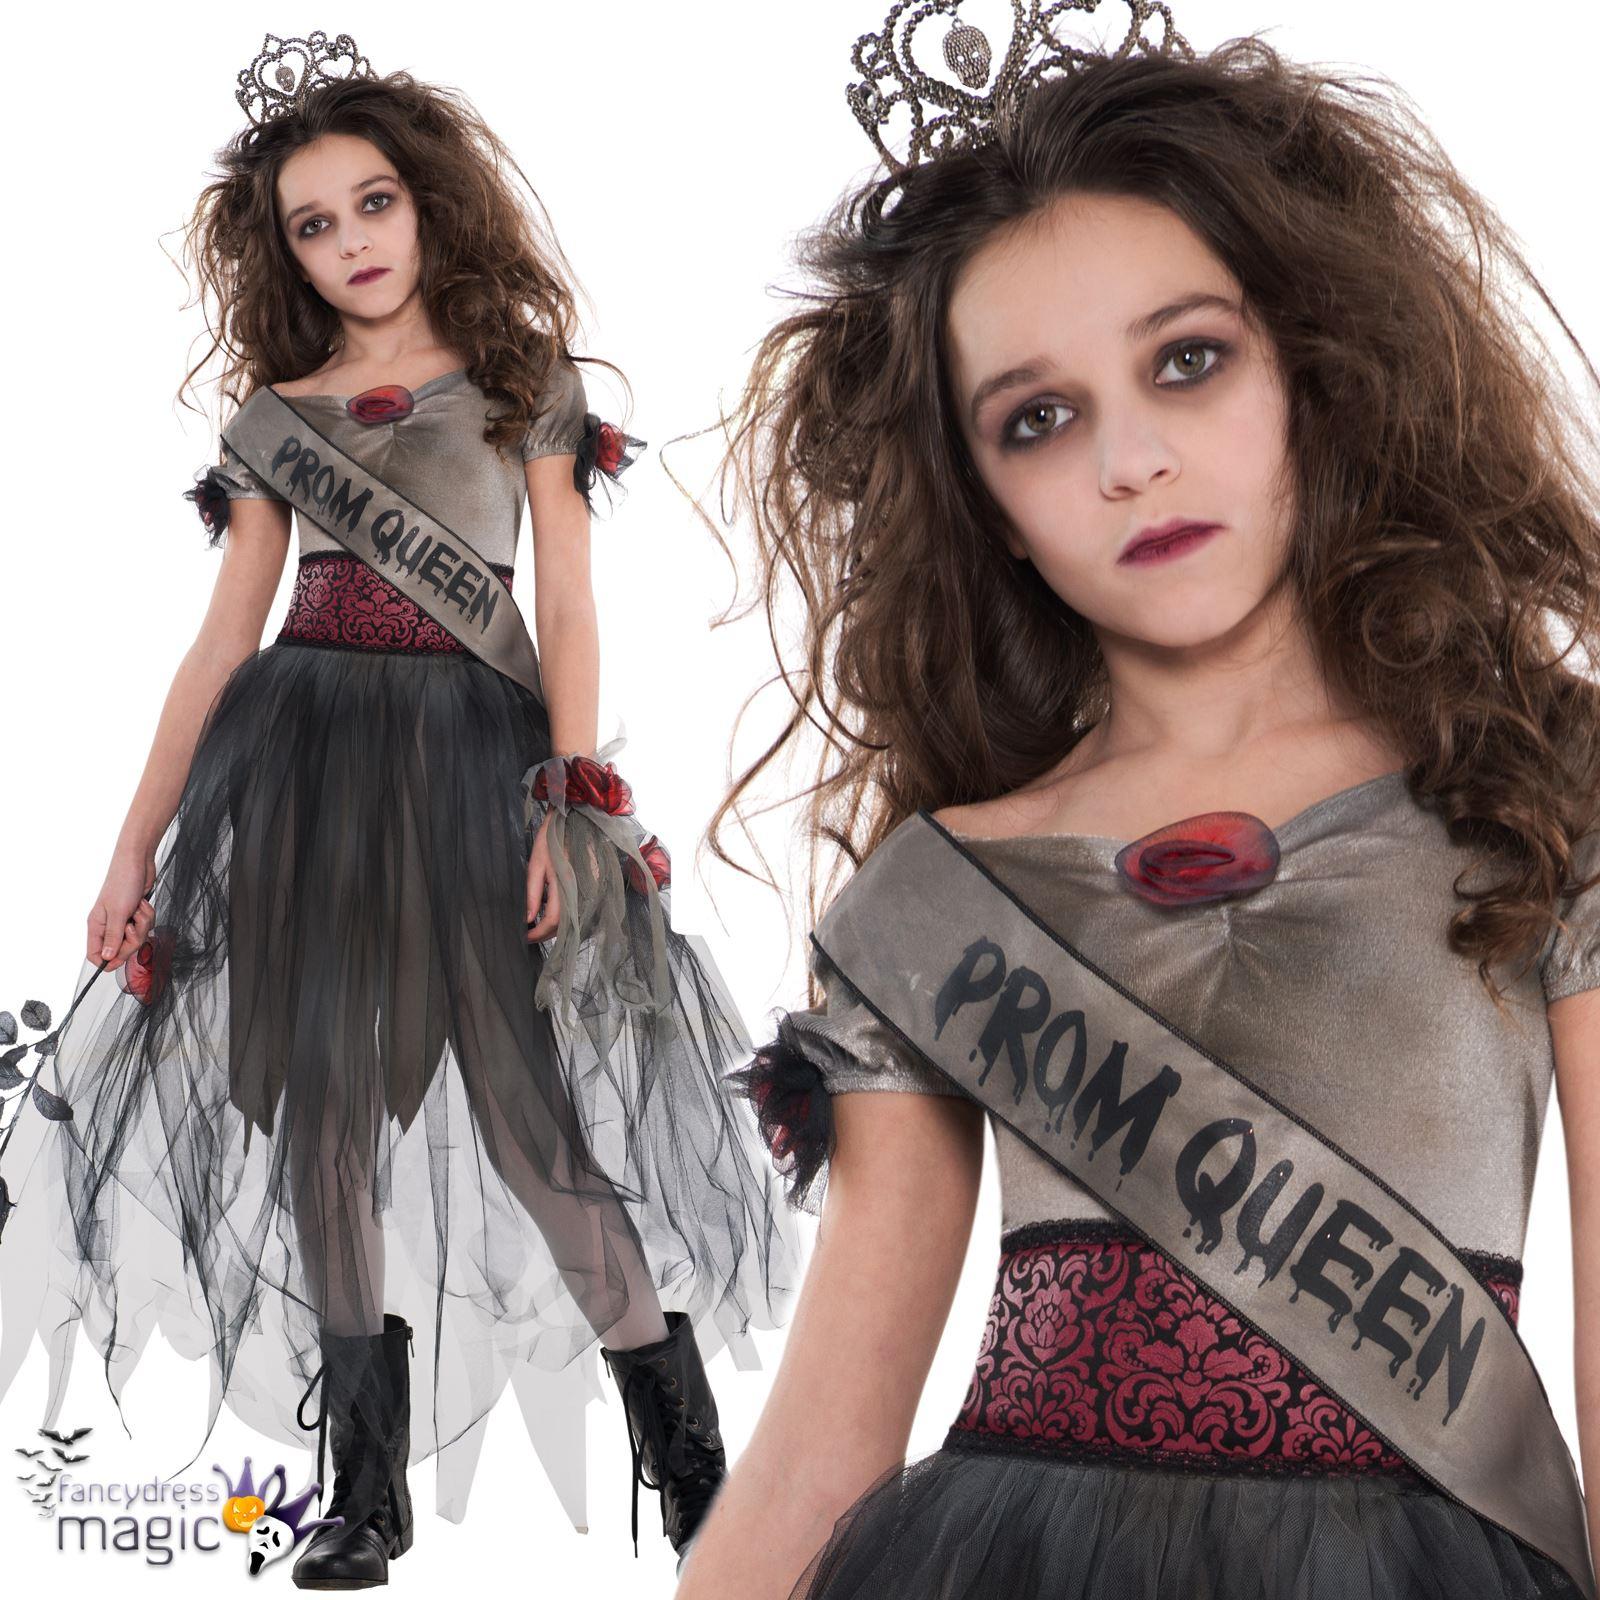 Mädchen Teenager Kinder Zombie Prom Queen Halloween Zombie Kostüm ...